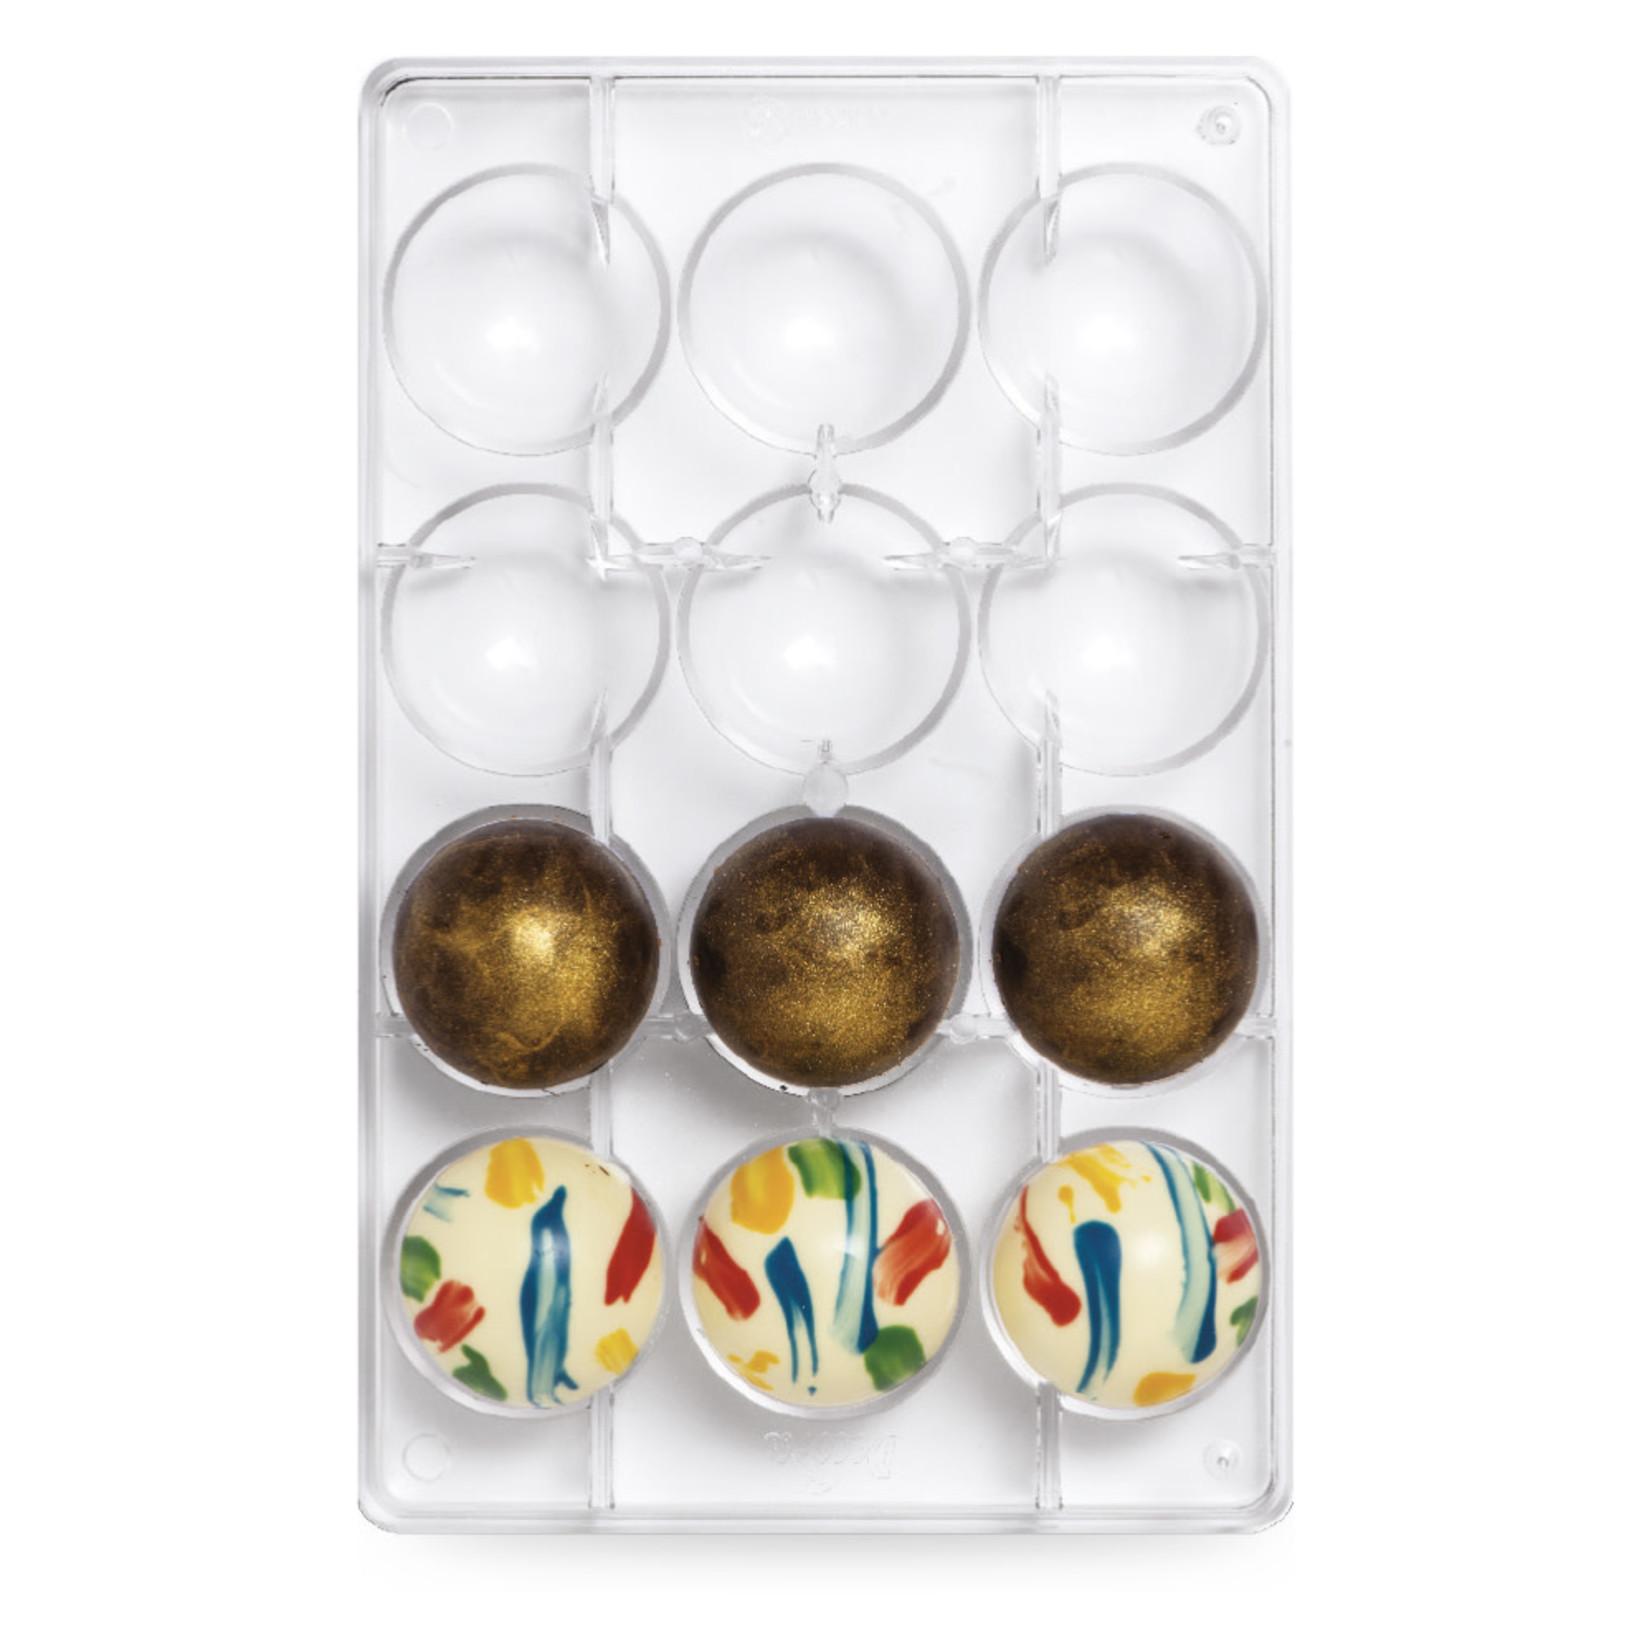 Decora Chocoladevorm polycarbonaat halve bol 50mm